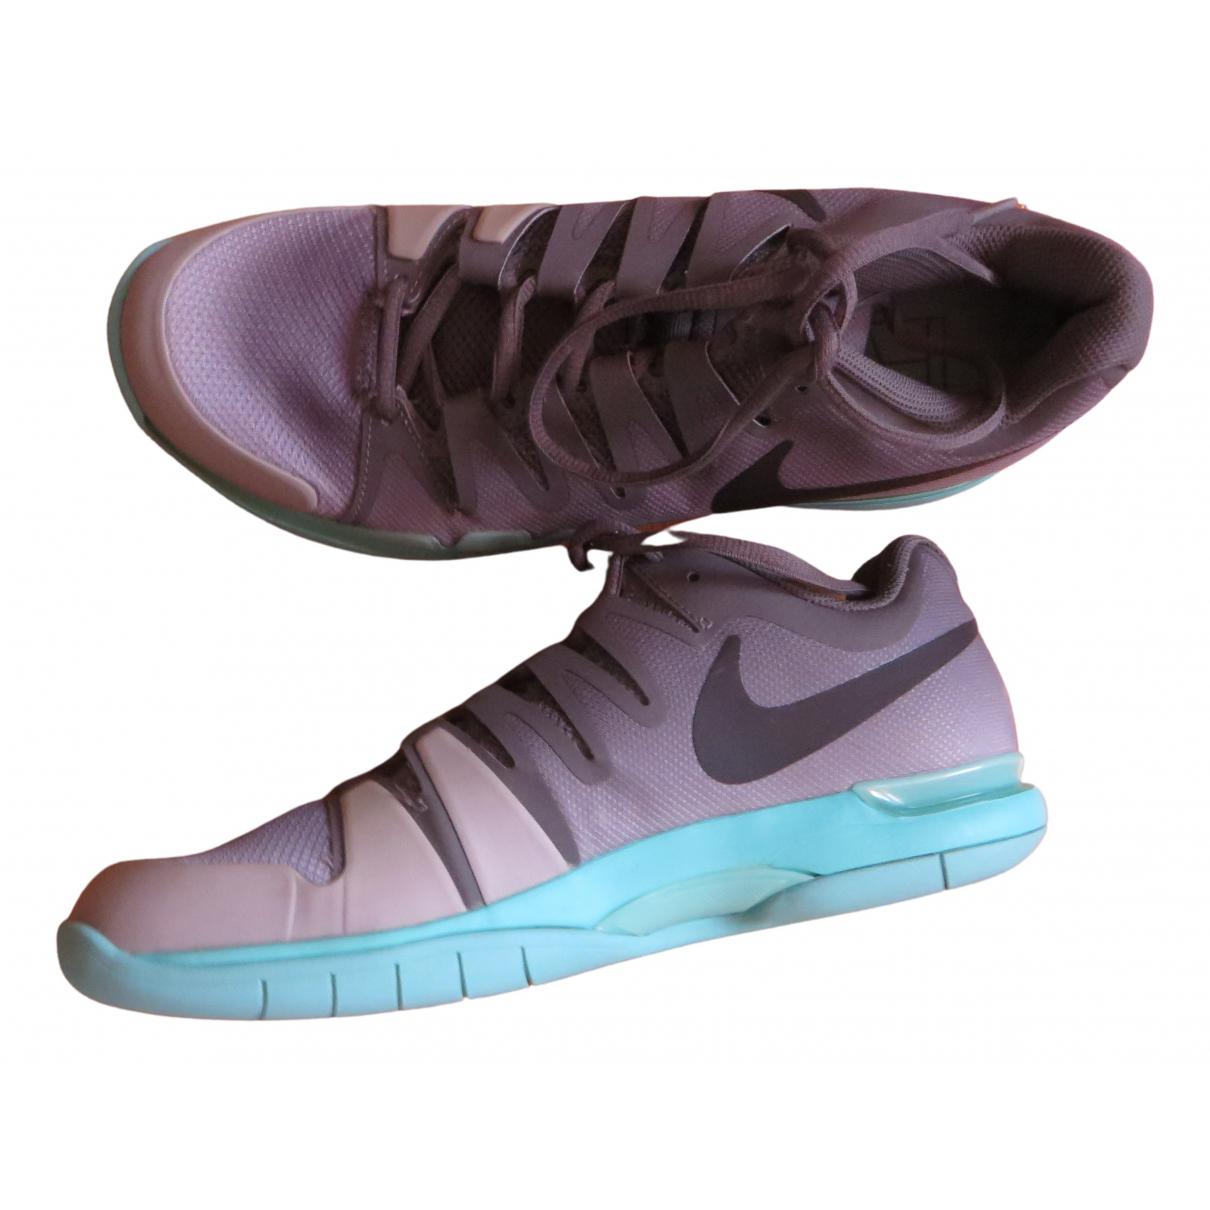 Nike - Baskets   pour homme - gris